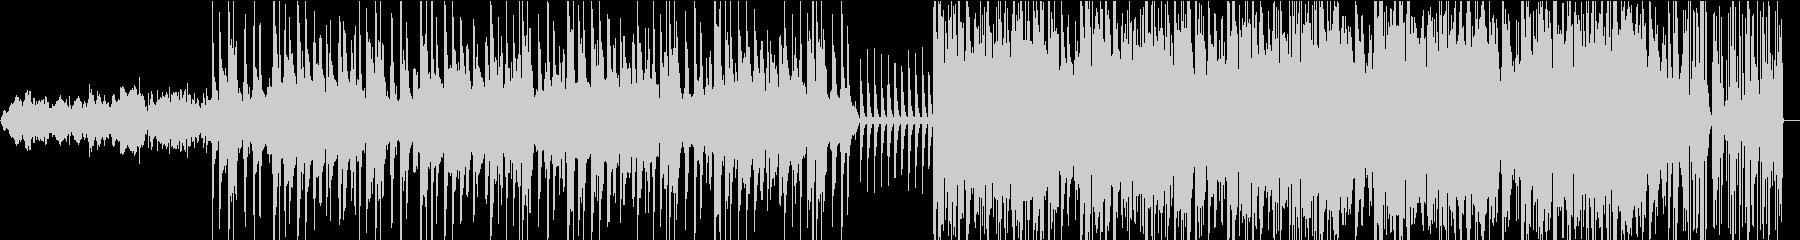 ジャズテイストのインストの未再生の波形